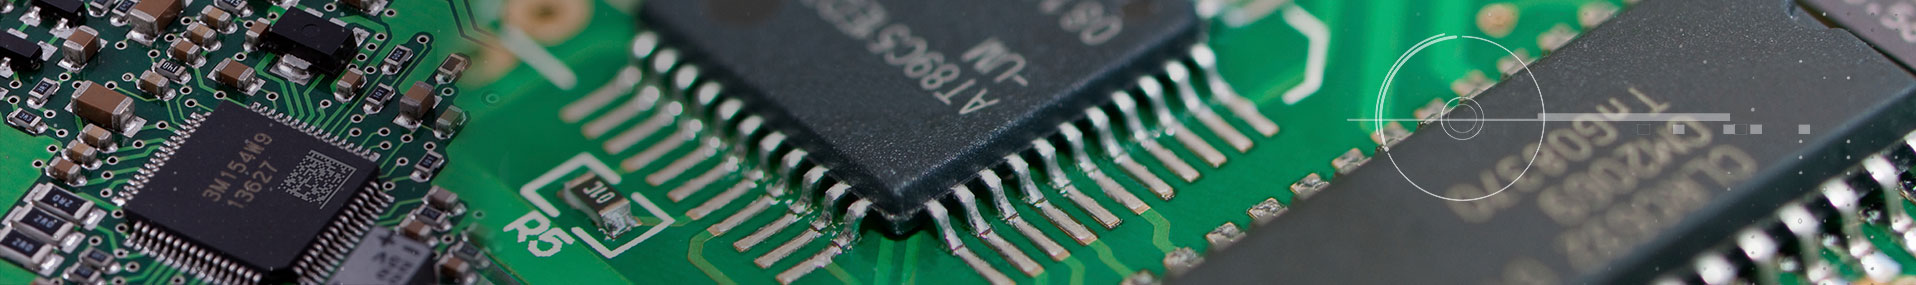 up close PCB components